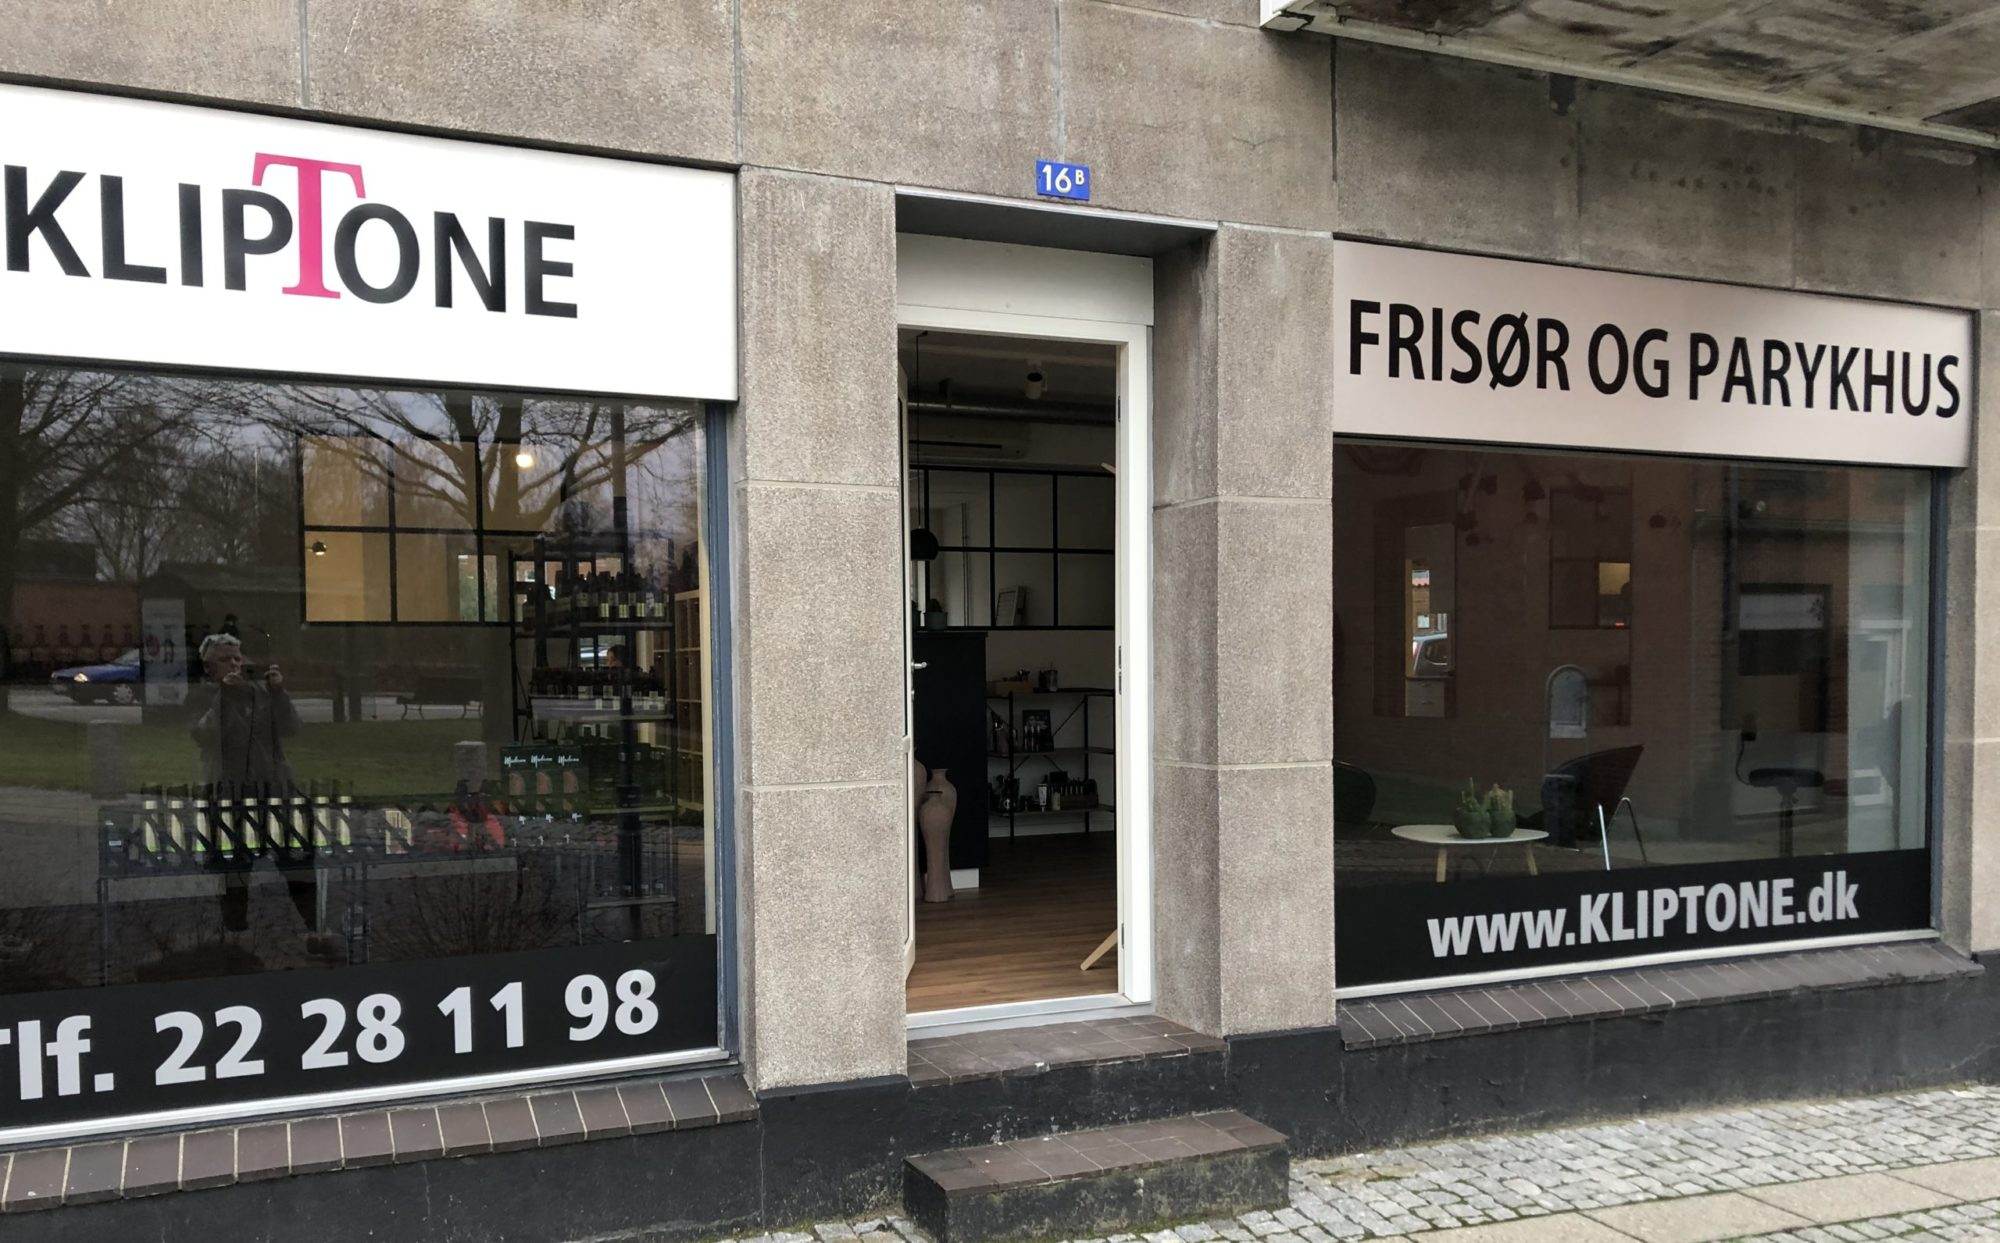 KLIPTONE - SKIVE / FRISØR OG PARYKHUS  - VESTERGADE 16B - TELE.22 28 11 98